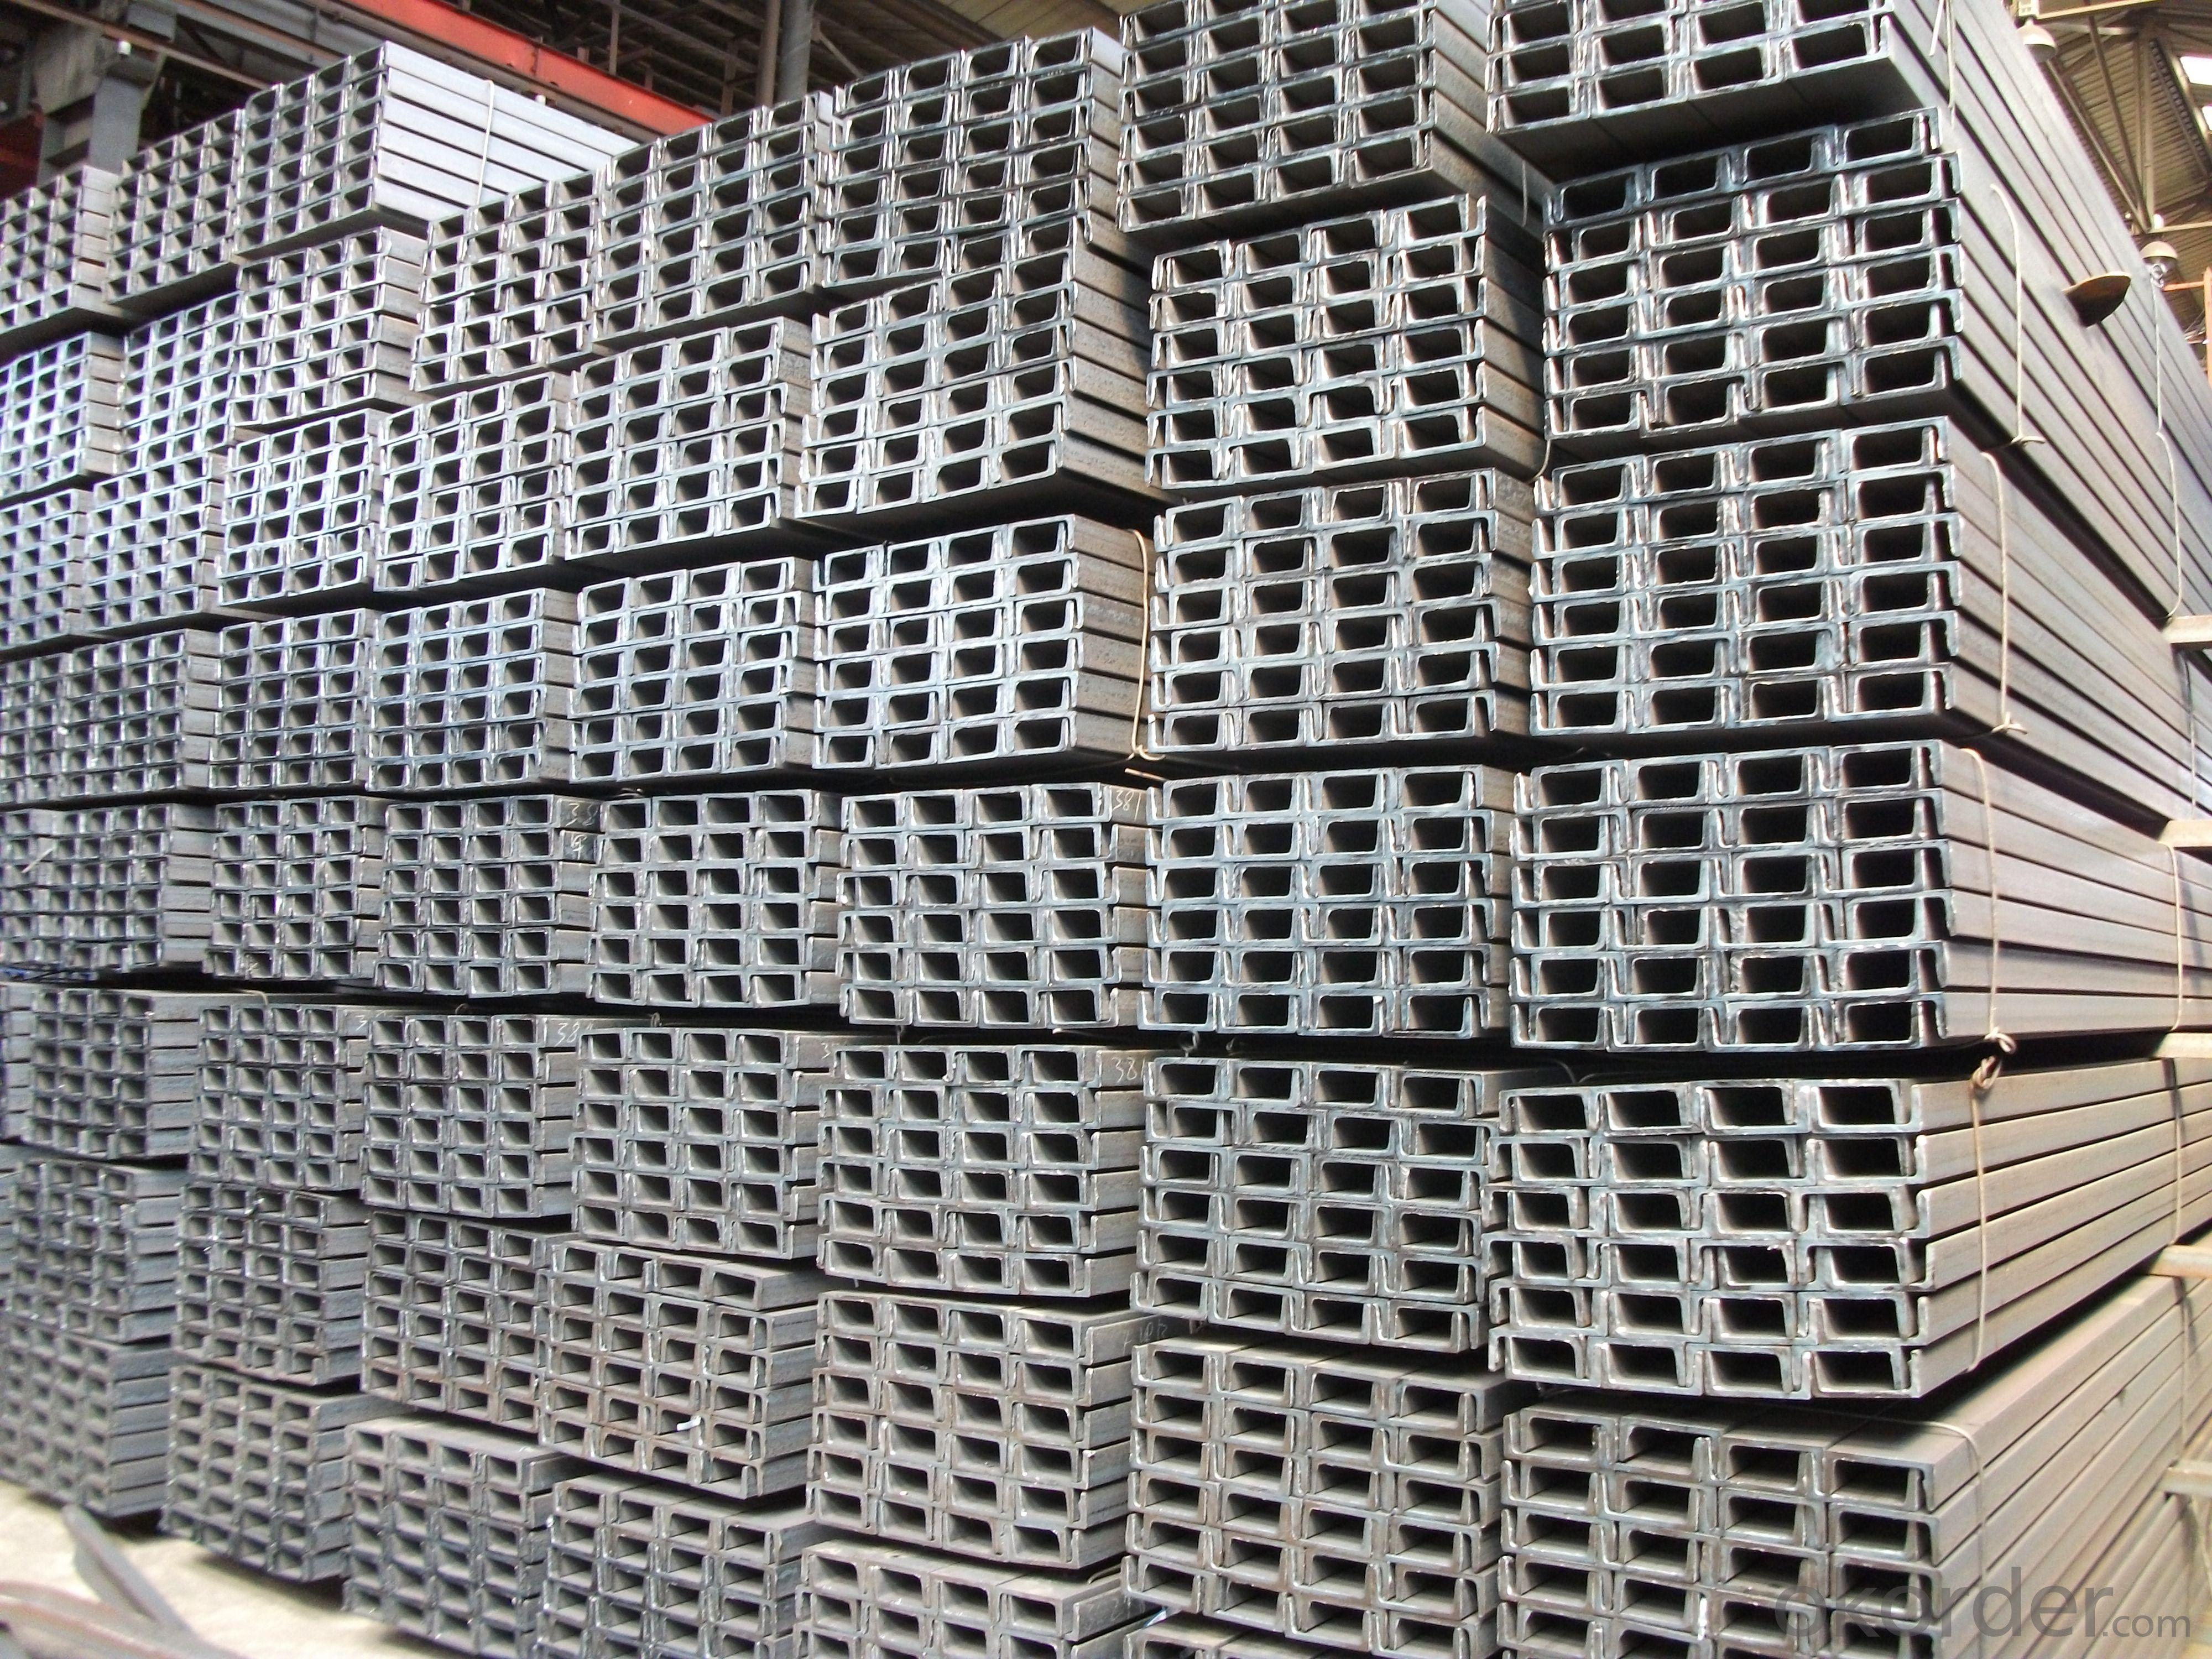 Hot Rolled Steel U Channel